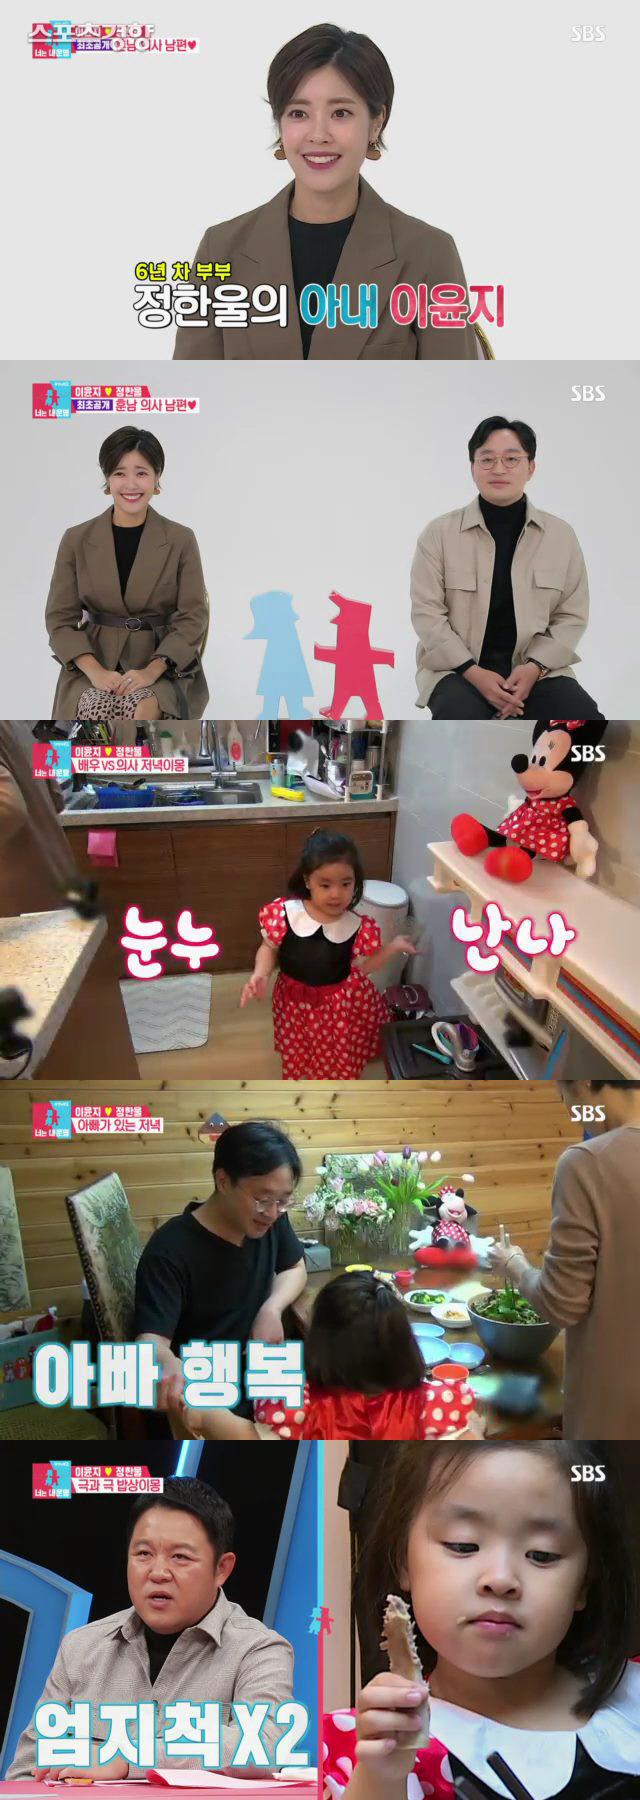 새로운 운명 커플로 합류한 배우 이윤지와 남편 정한울 '너는 내 운명'. SBS 제공